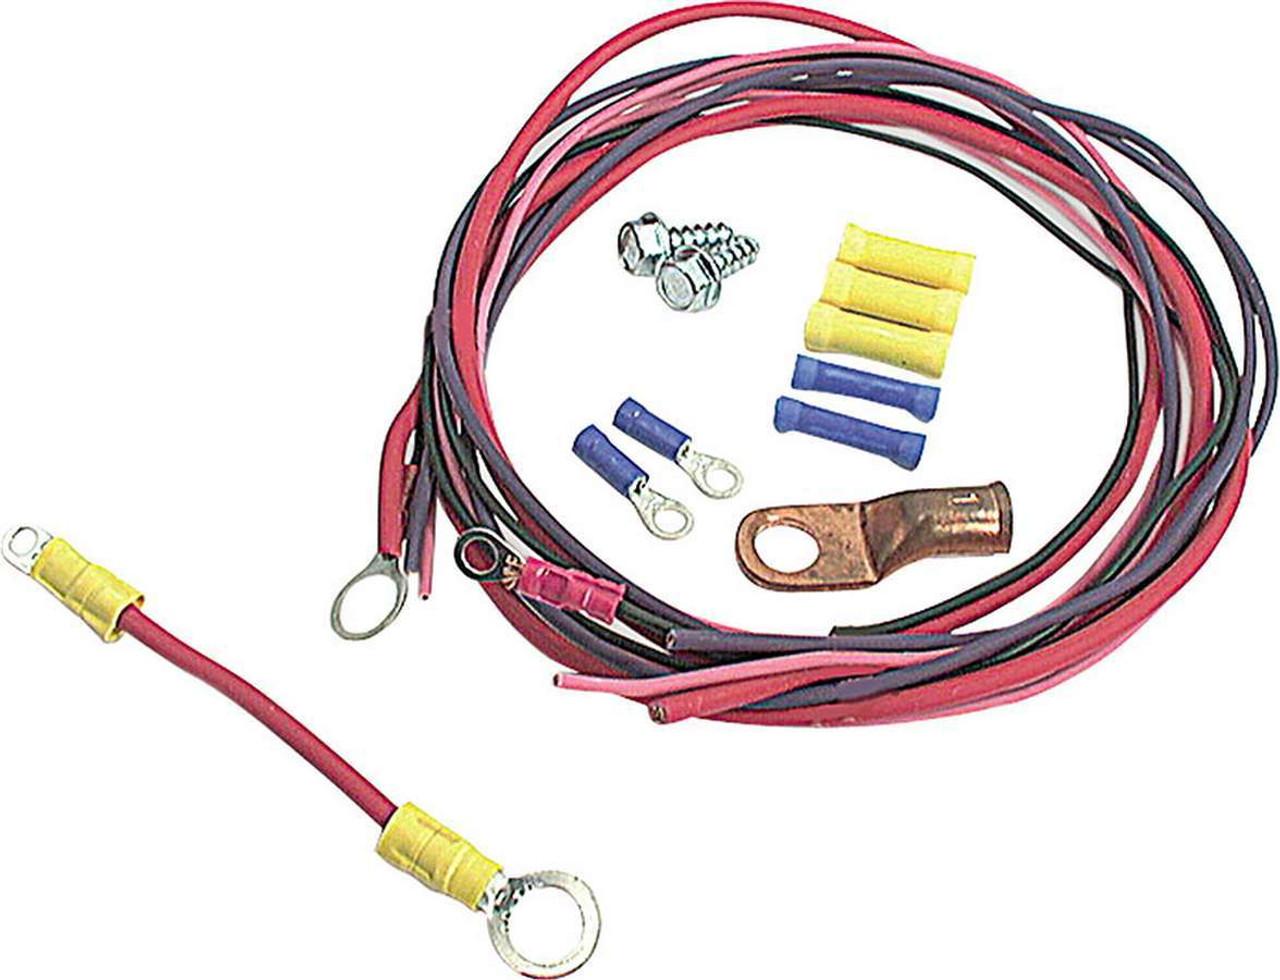 Starter Solenoid Wiring Kit Ford Style | Allstar Performance | Ford Solenoid Wiring |  | Allstar Performance